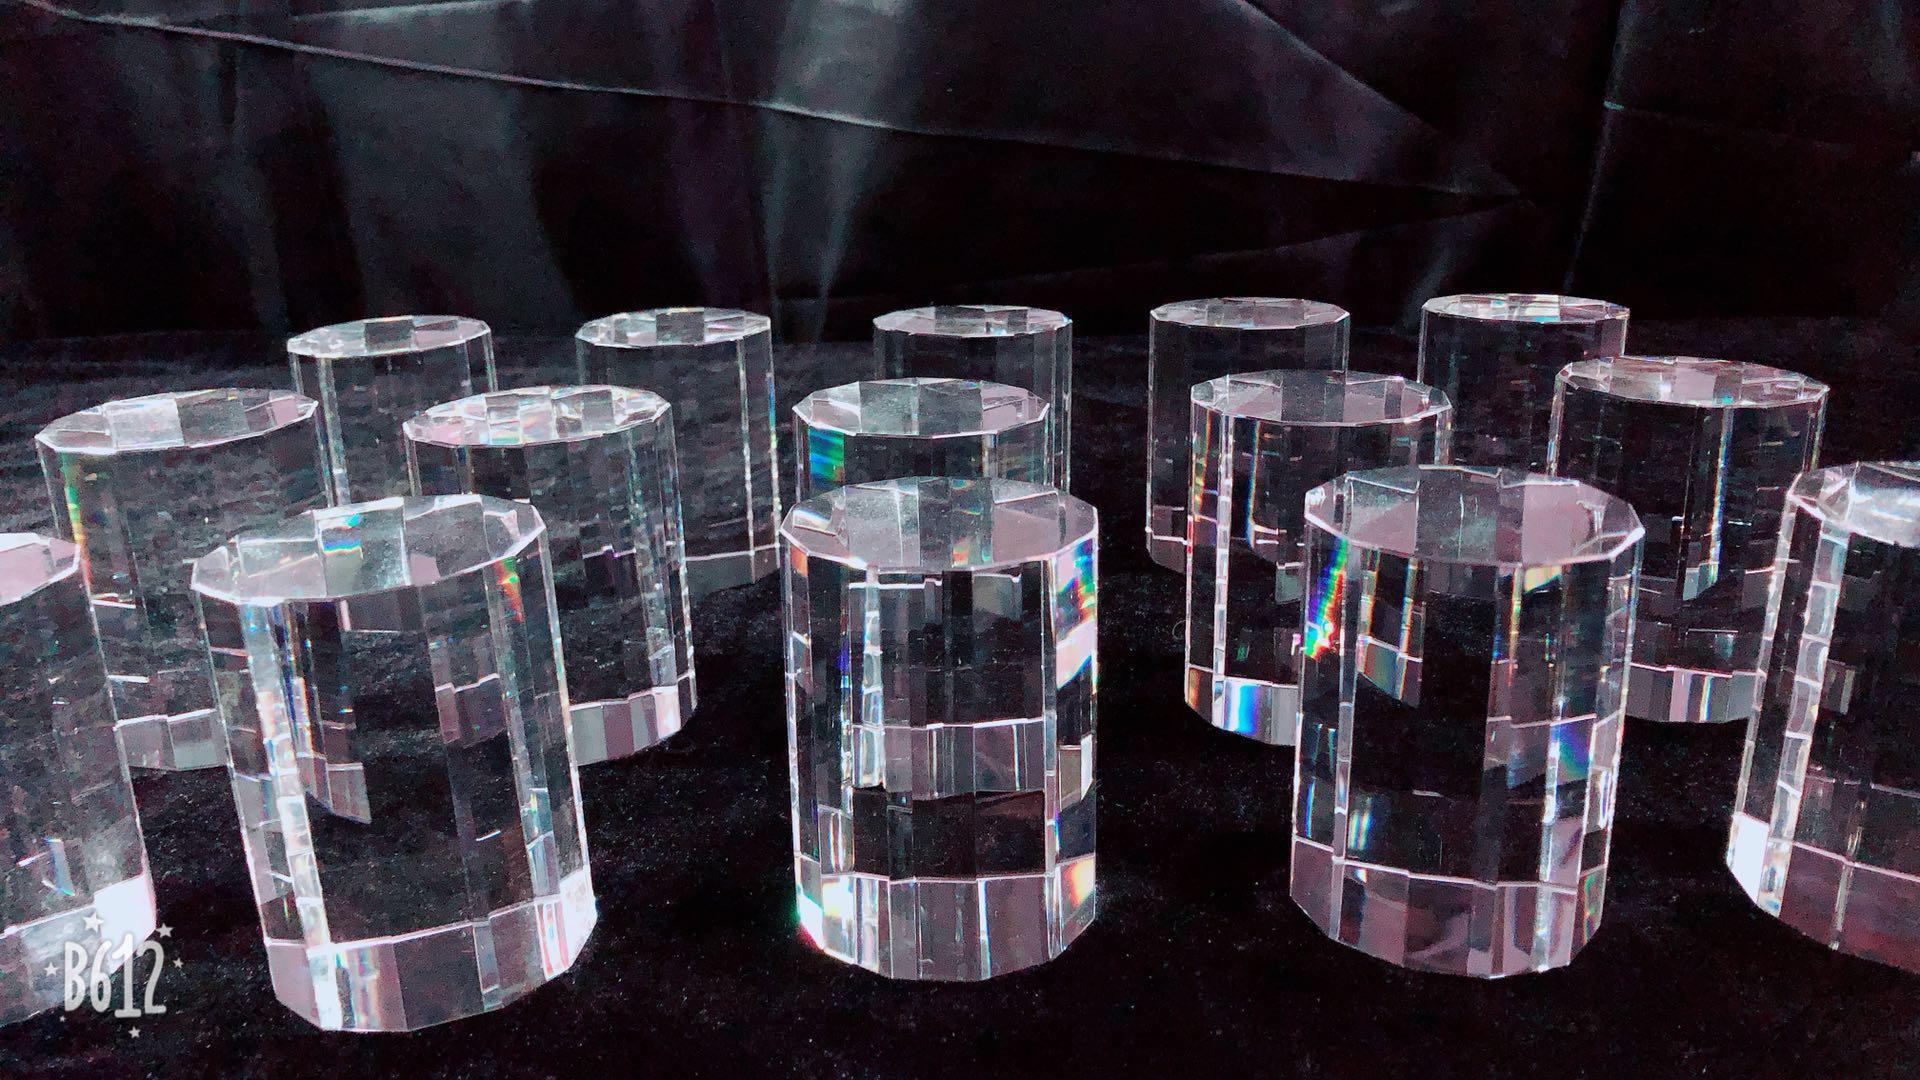 Китайский материал кристалл квадратный корпус резьба фотография фон ювелирные основы кристалл гравировка слово Настройка логотипа